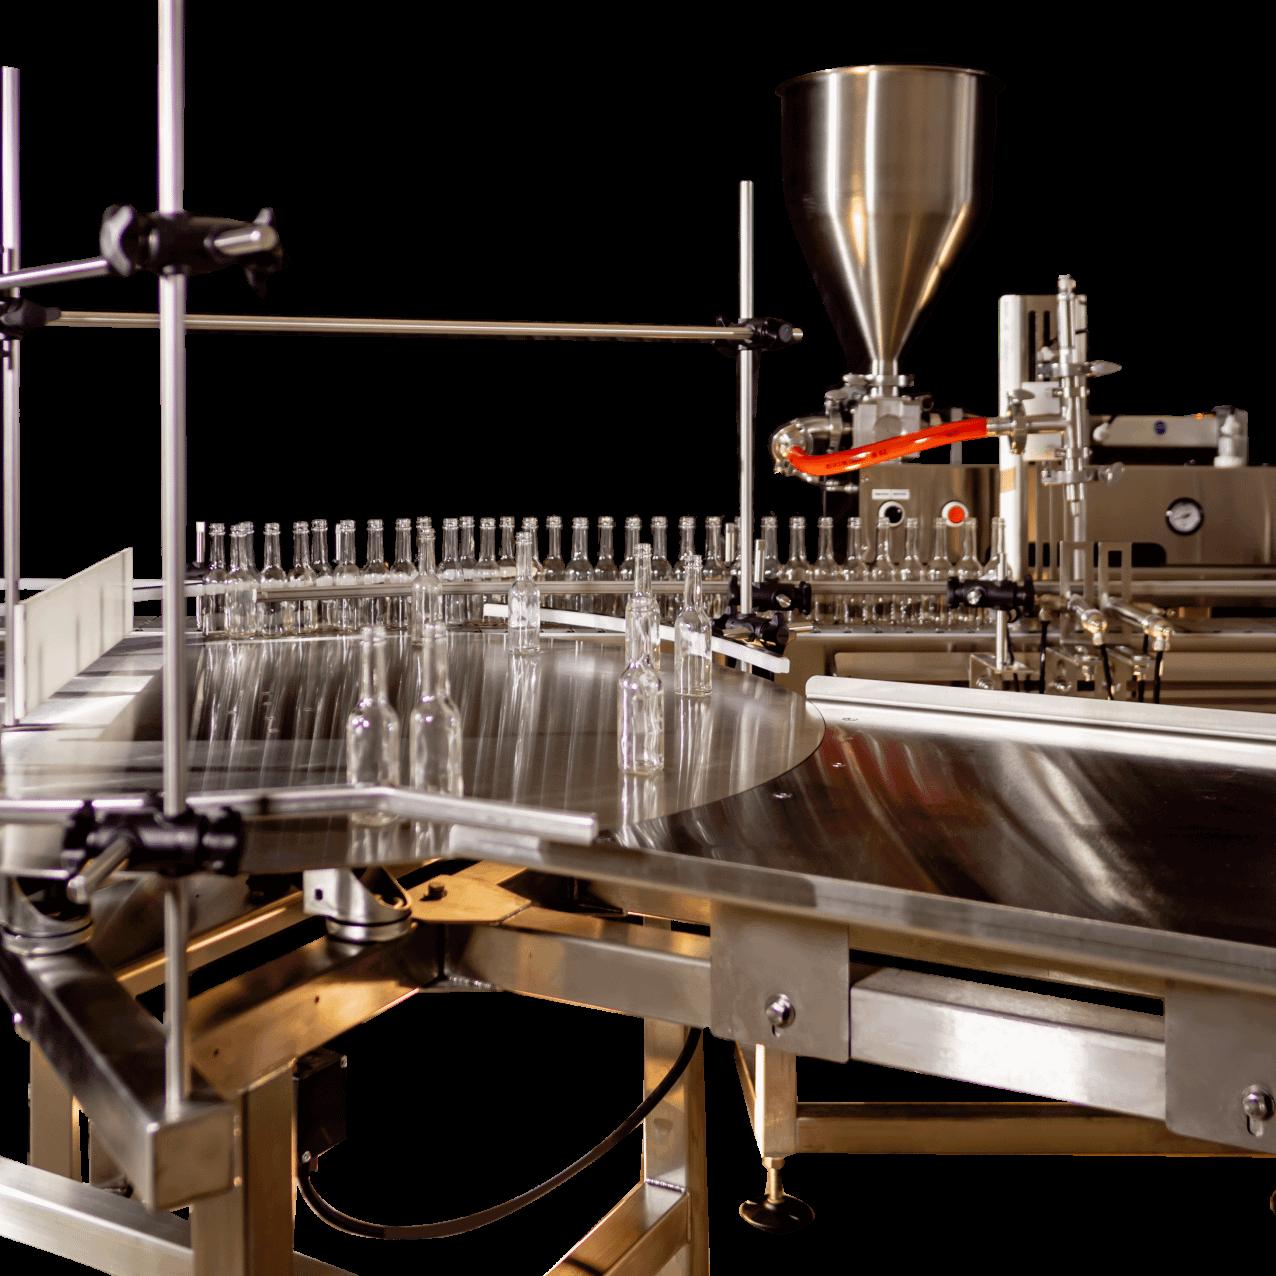 Liquid Filling Turntable Loading Table